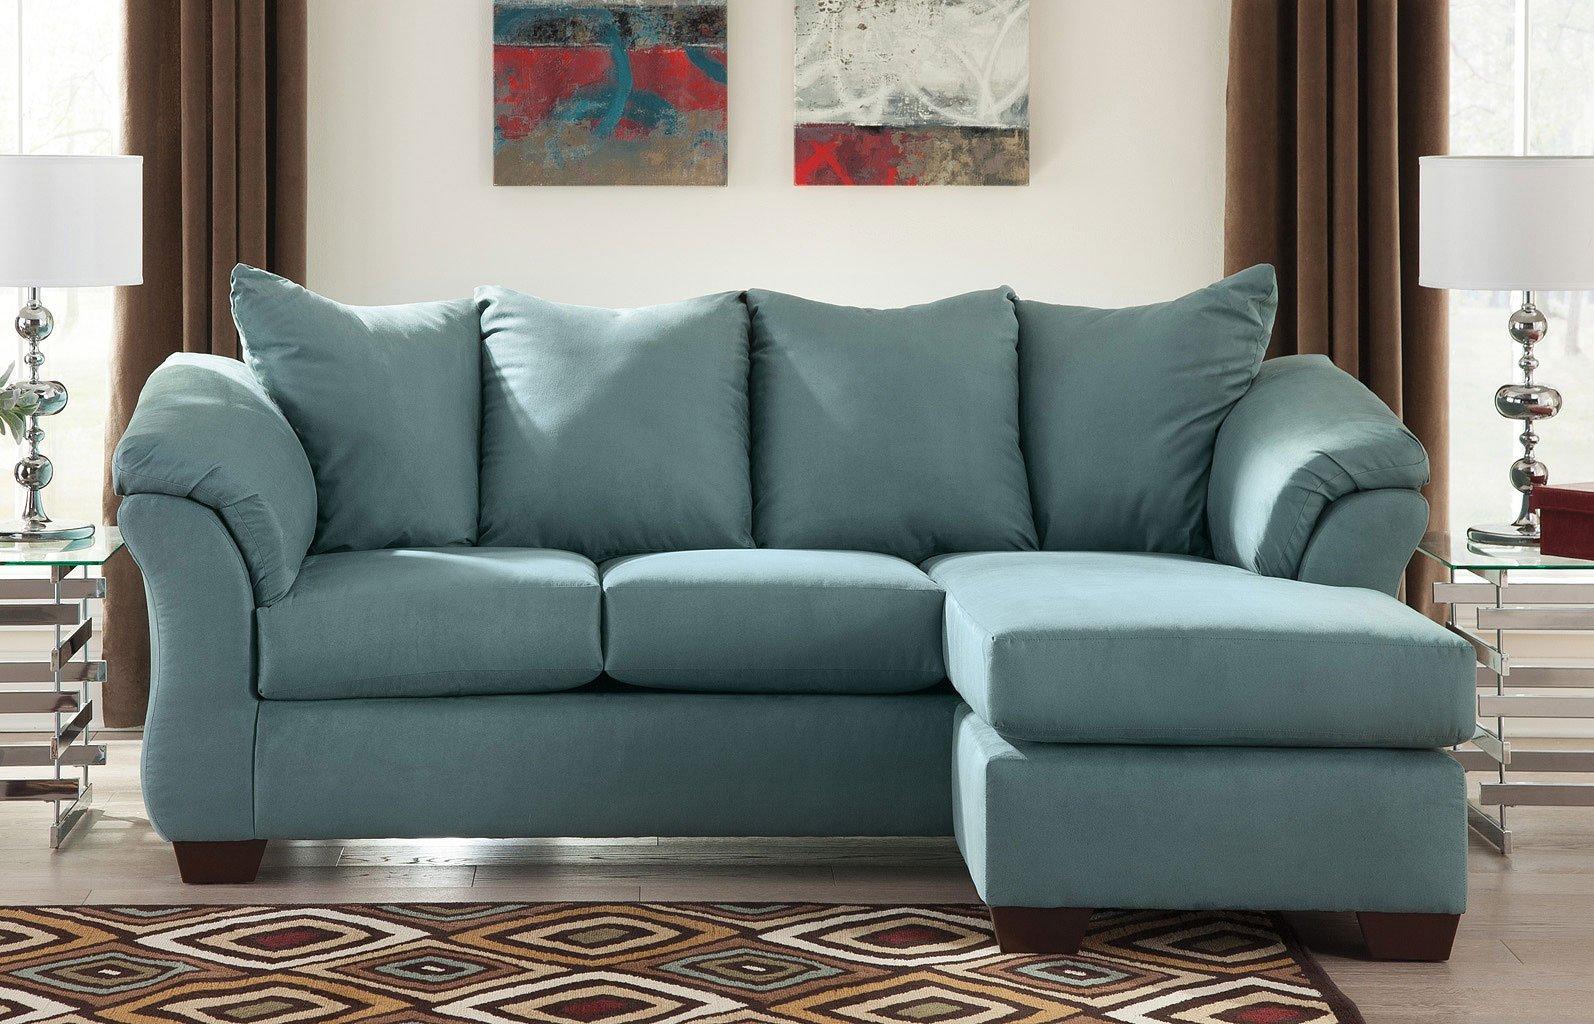 Darcy Sky Sofa Chaise Living Room Set Signature Design